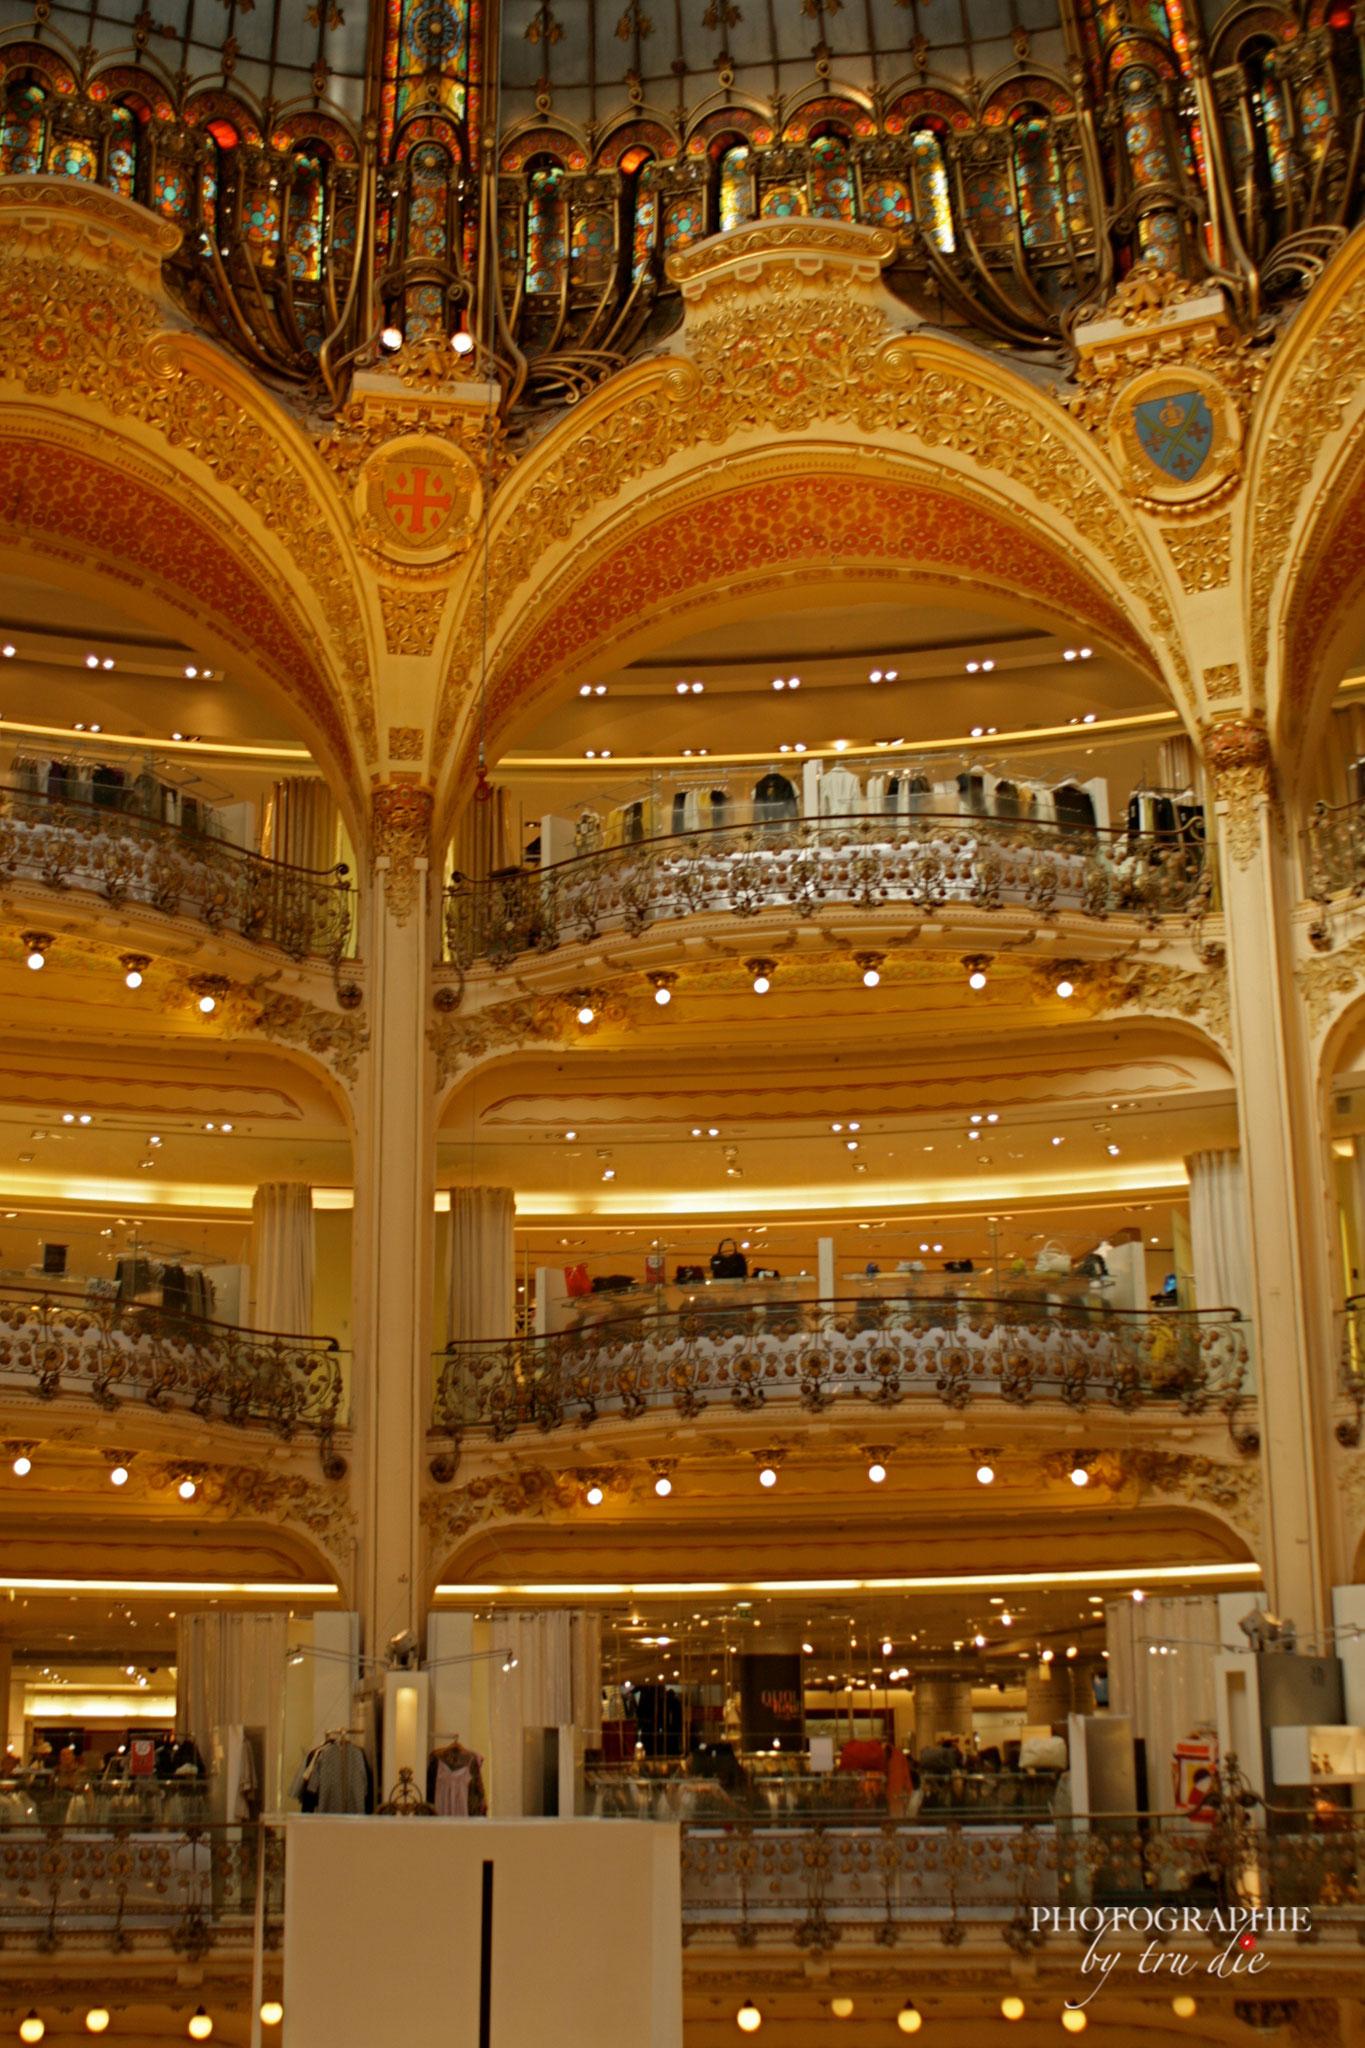 Bild: Galeries Lafayette mit Blick in die Kuppel und Galerien, Paris